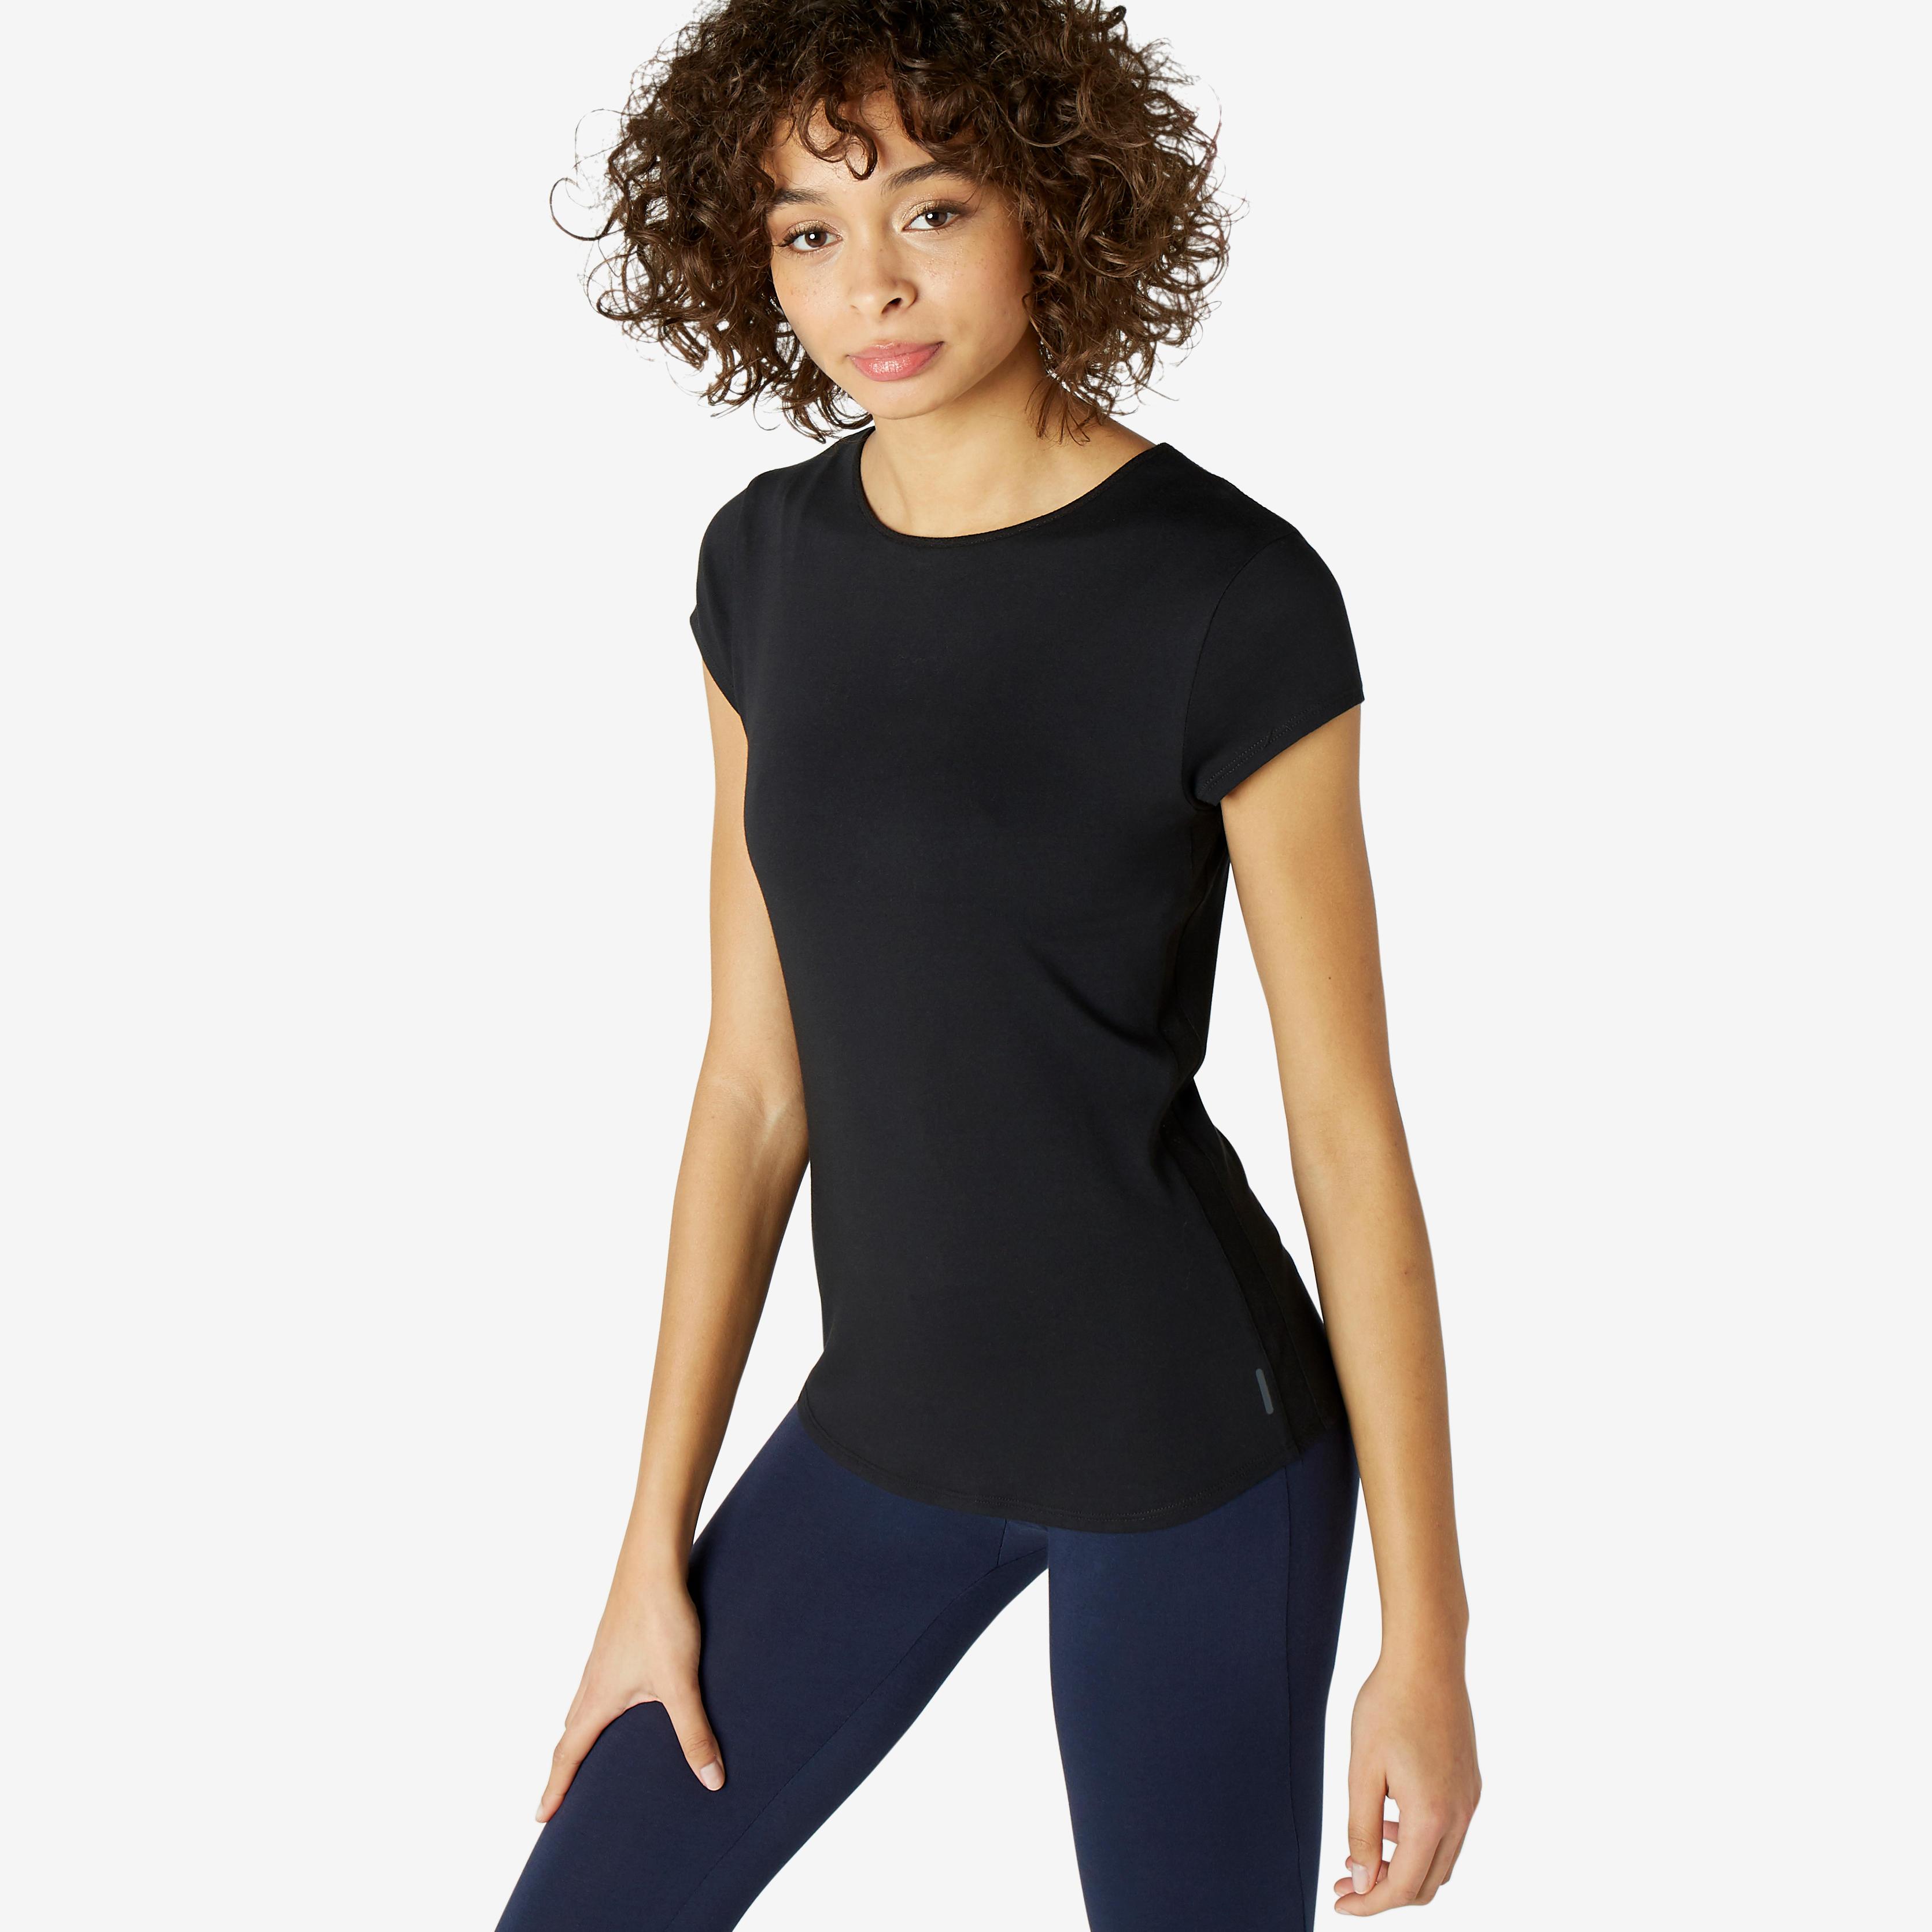 Tricou 520 Negru Damă imagine produs